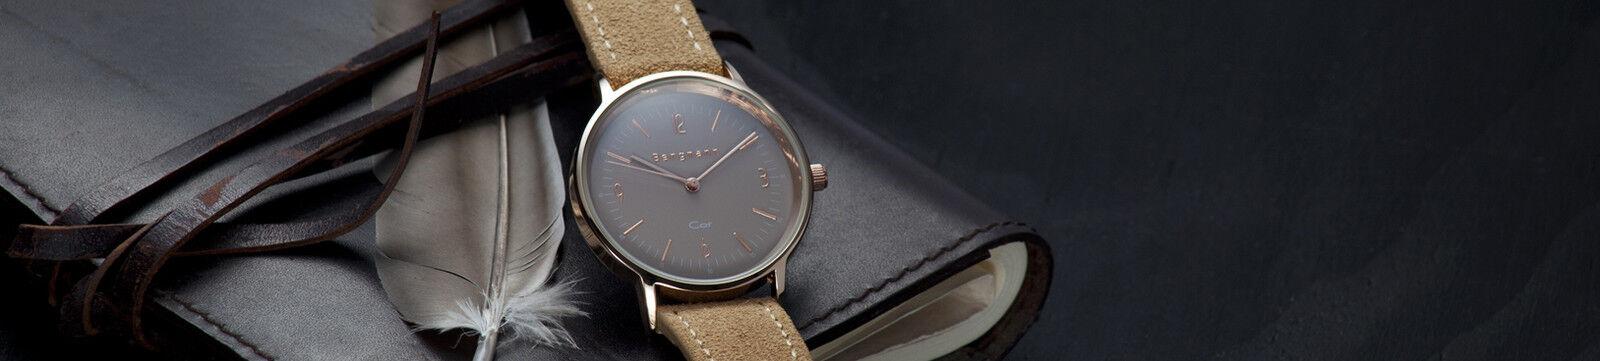 Bergmann-Uhren